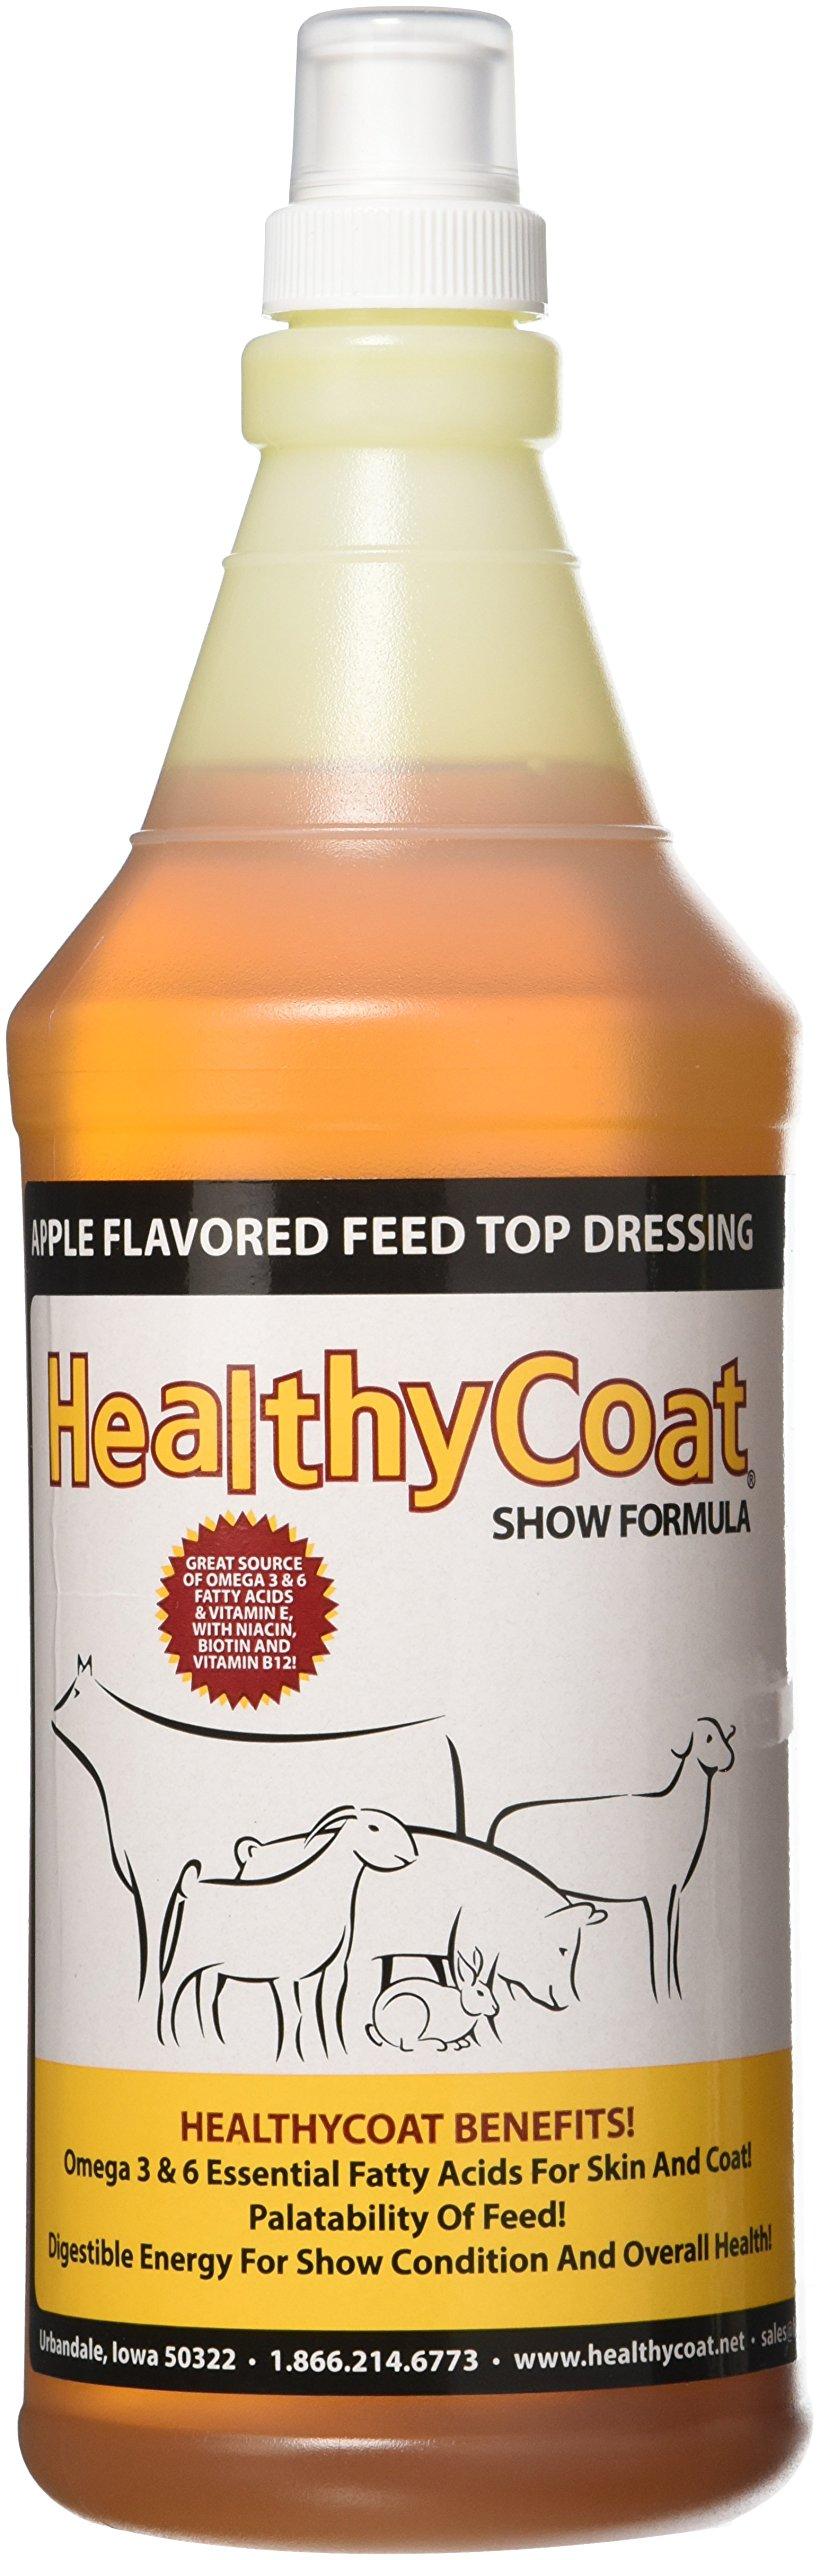 HealthyCoat Show Formula, QT SHOW FORMULA